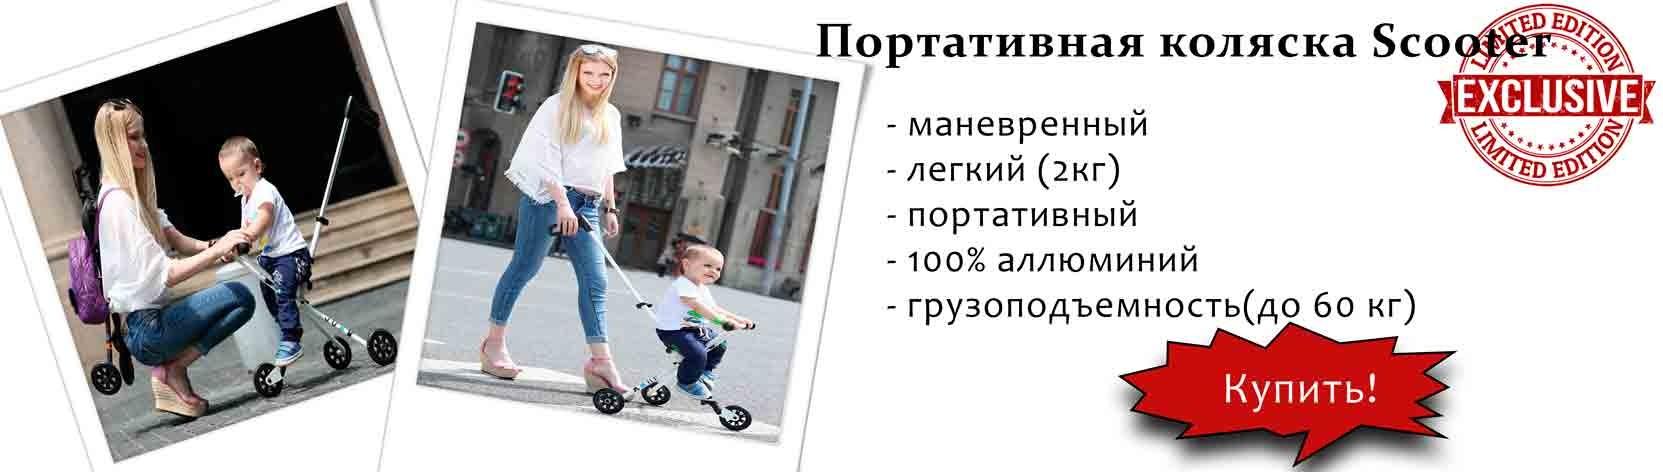 Портативная коляска Scooter, ультра лёгкая, складная, маневренная